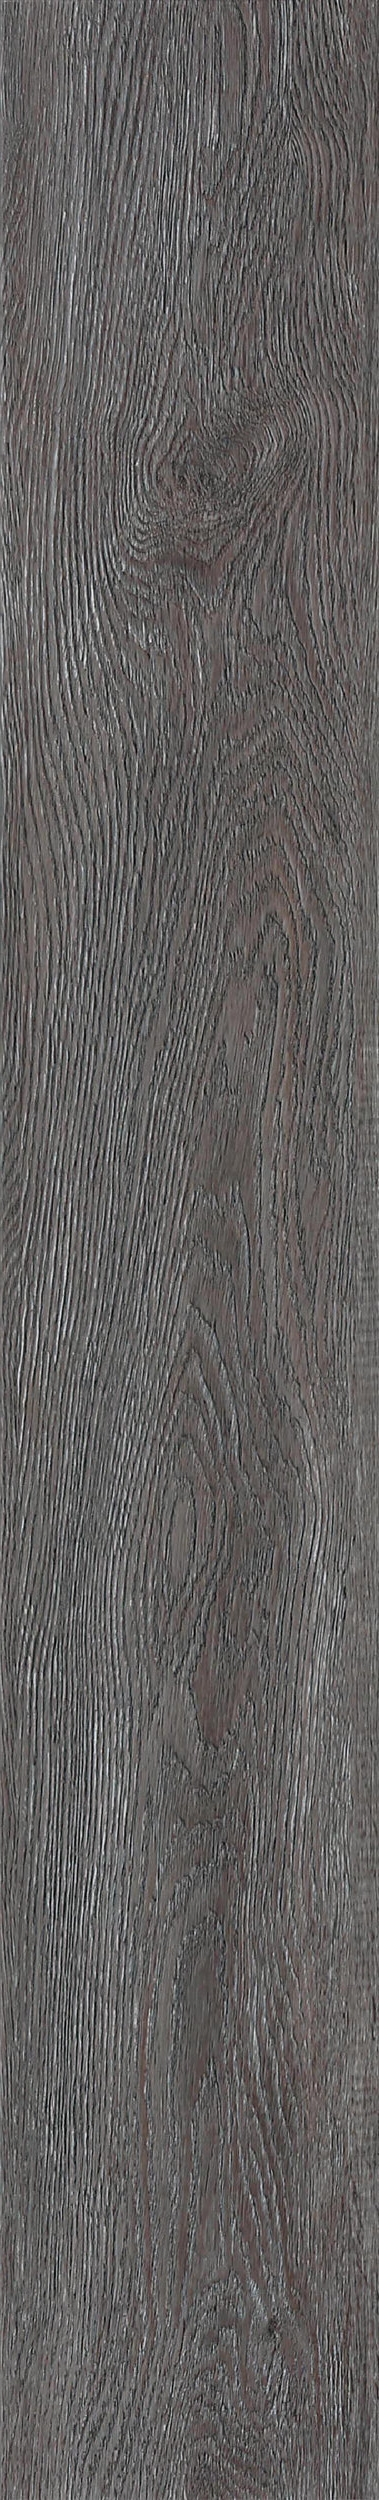 007 Charcoal Oak